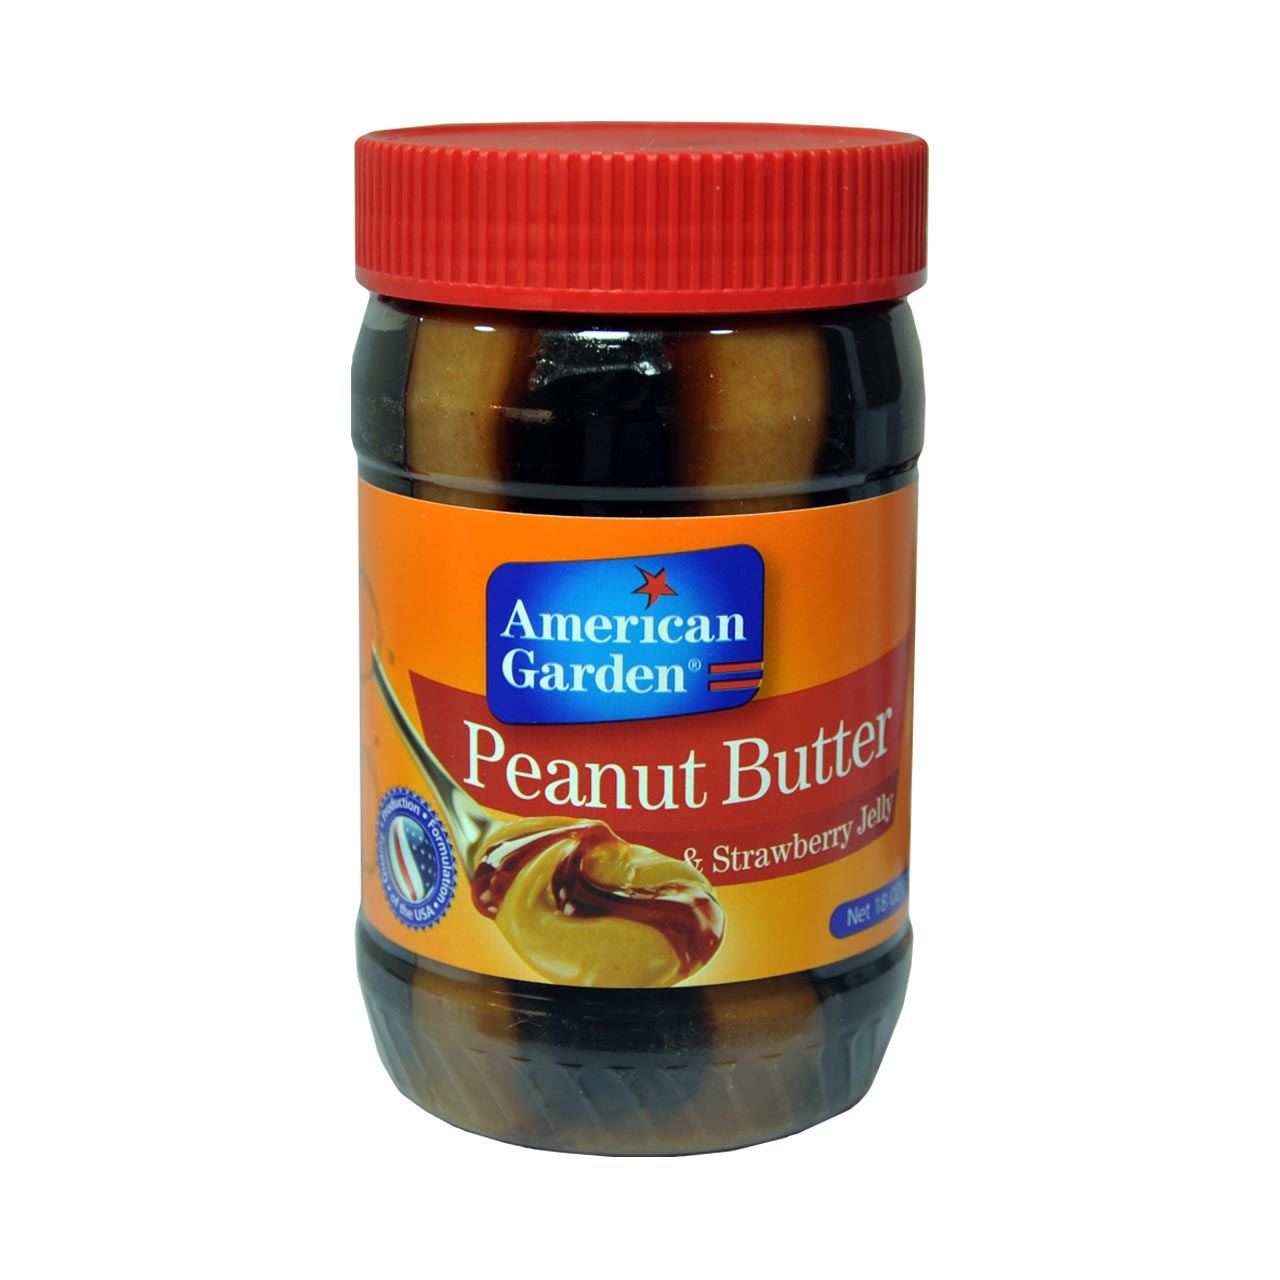 کره بادام زمینی با توت فرنگی امریکن گاردن – american garden